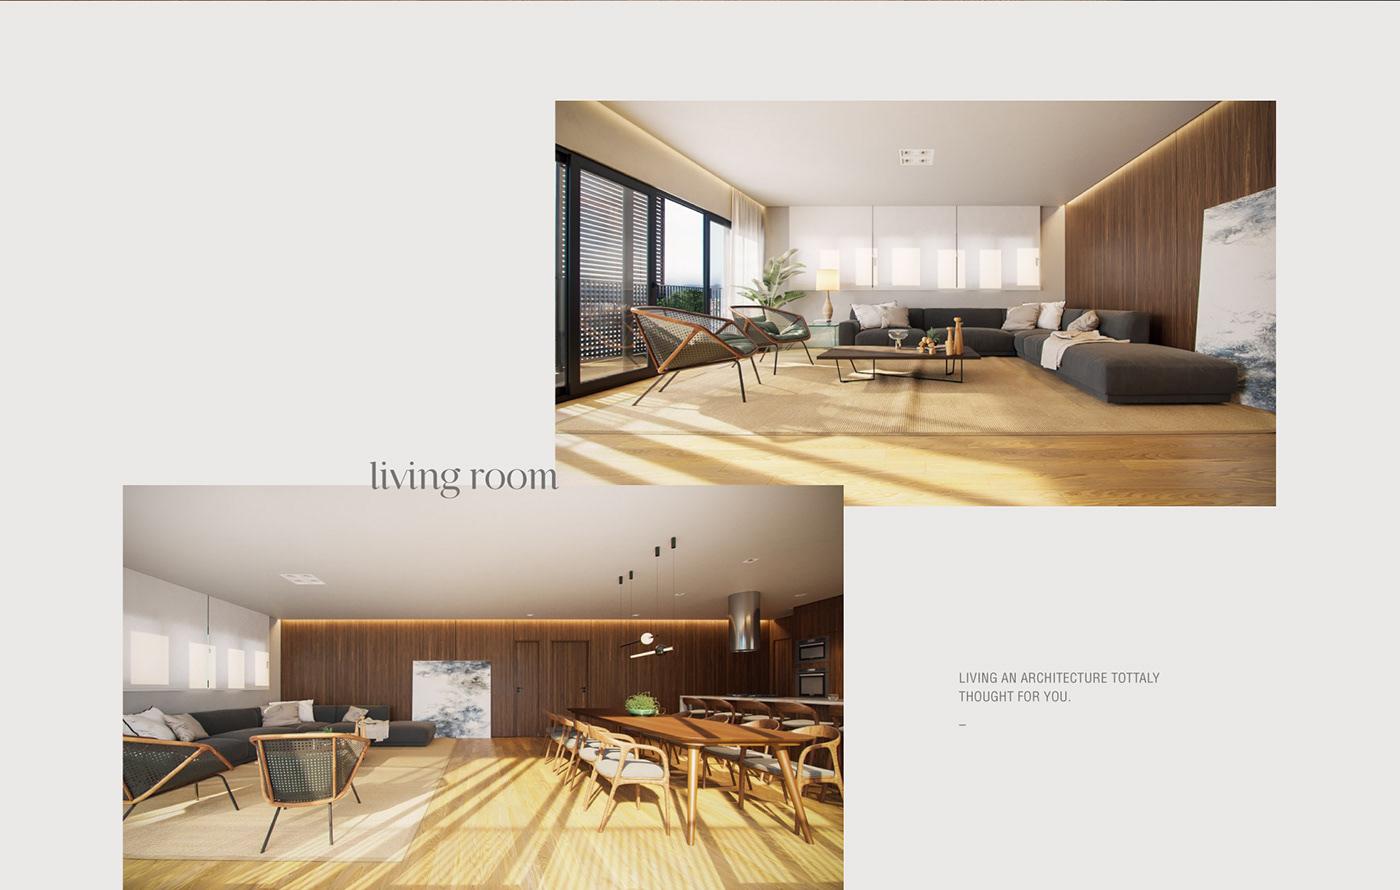 architecture ARQUITETURA building design designdeinteriores edificio